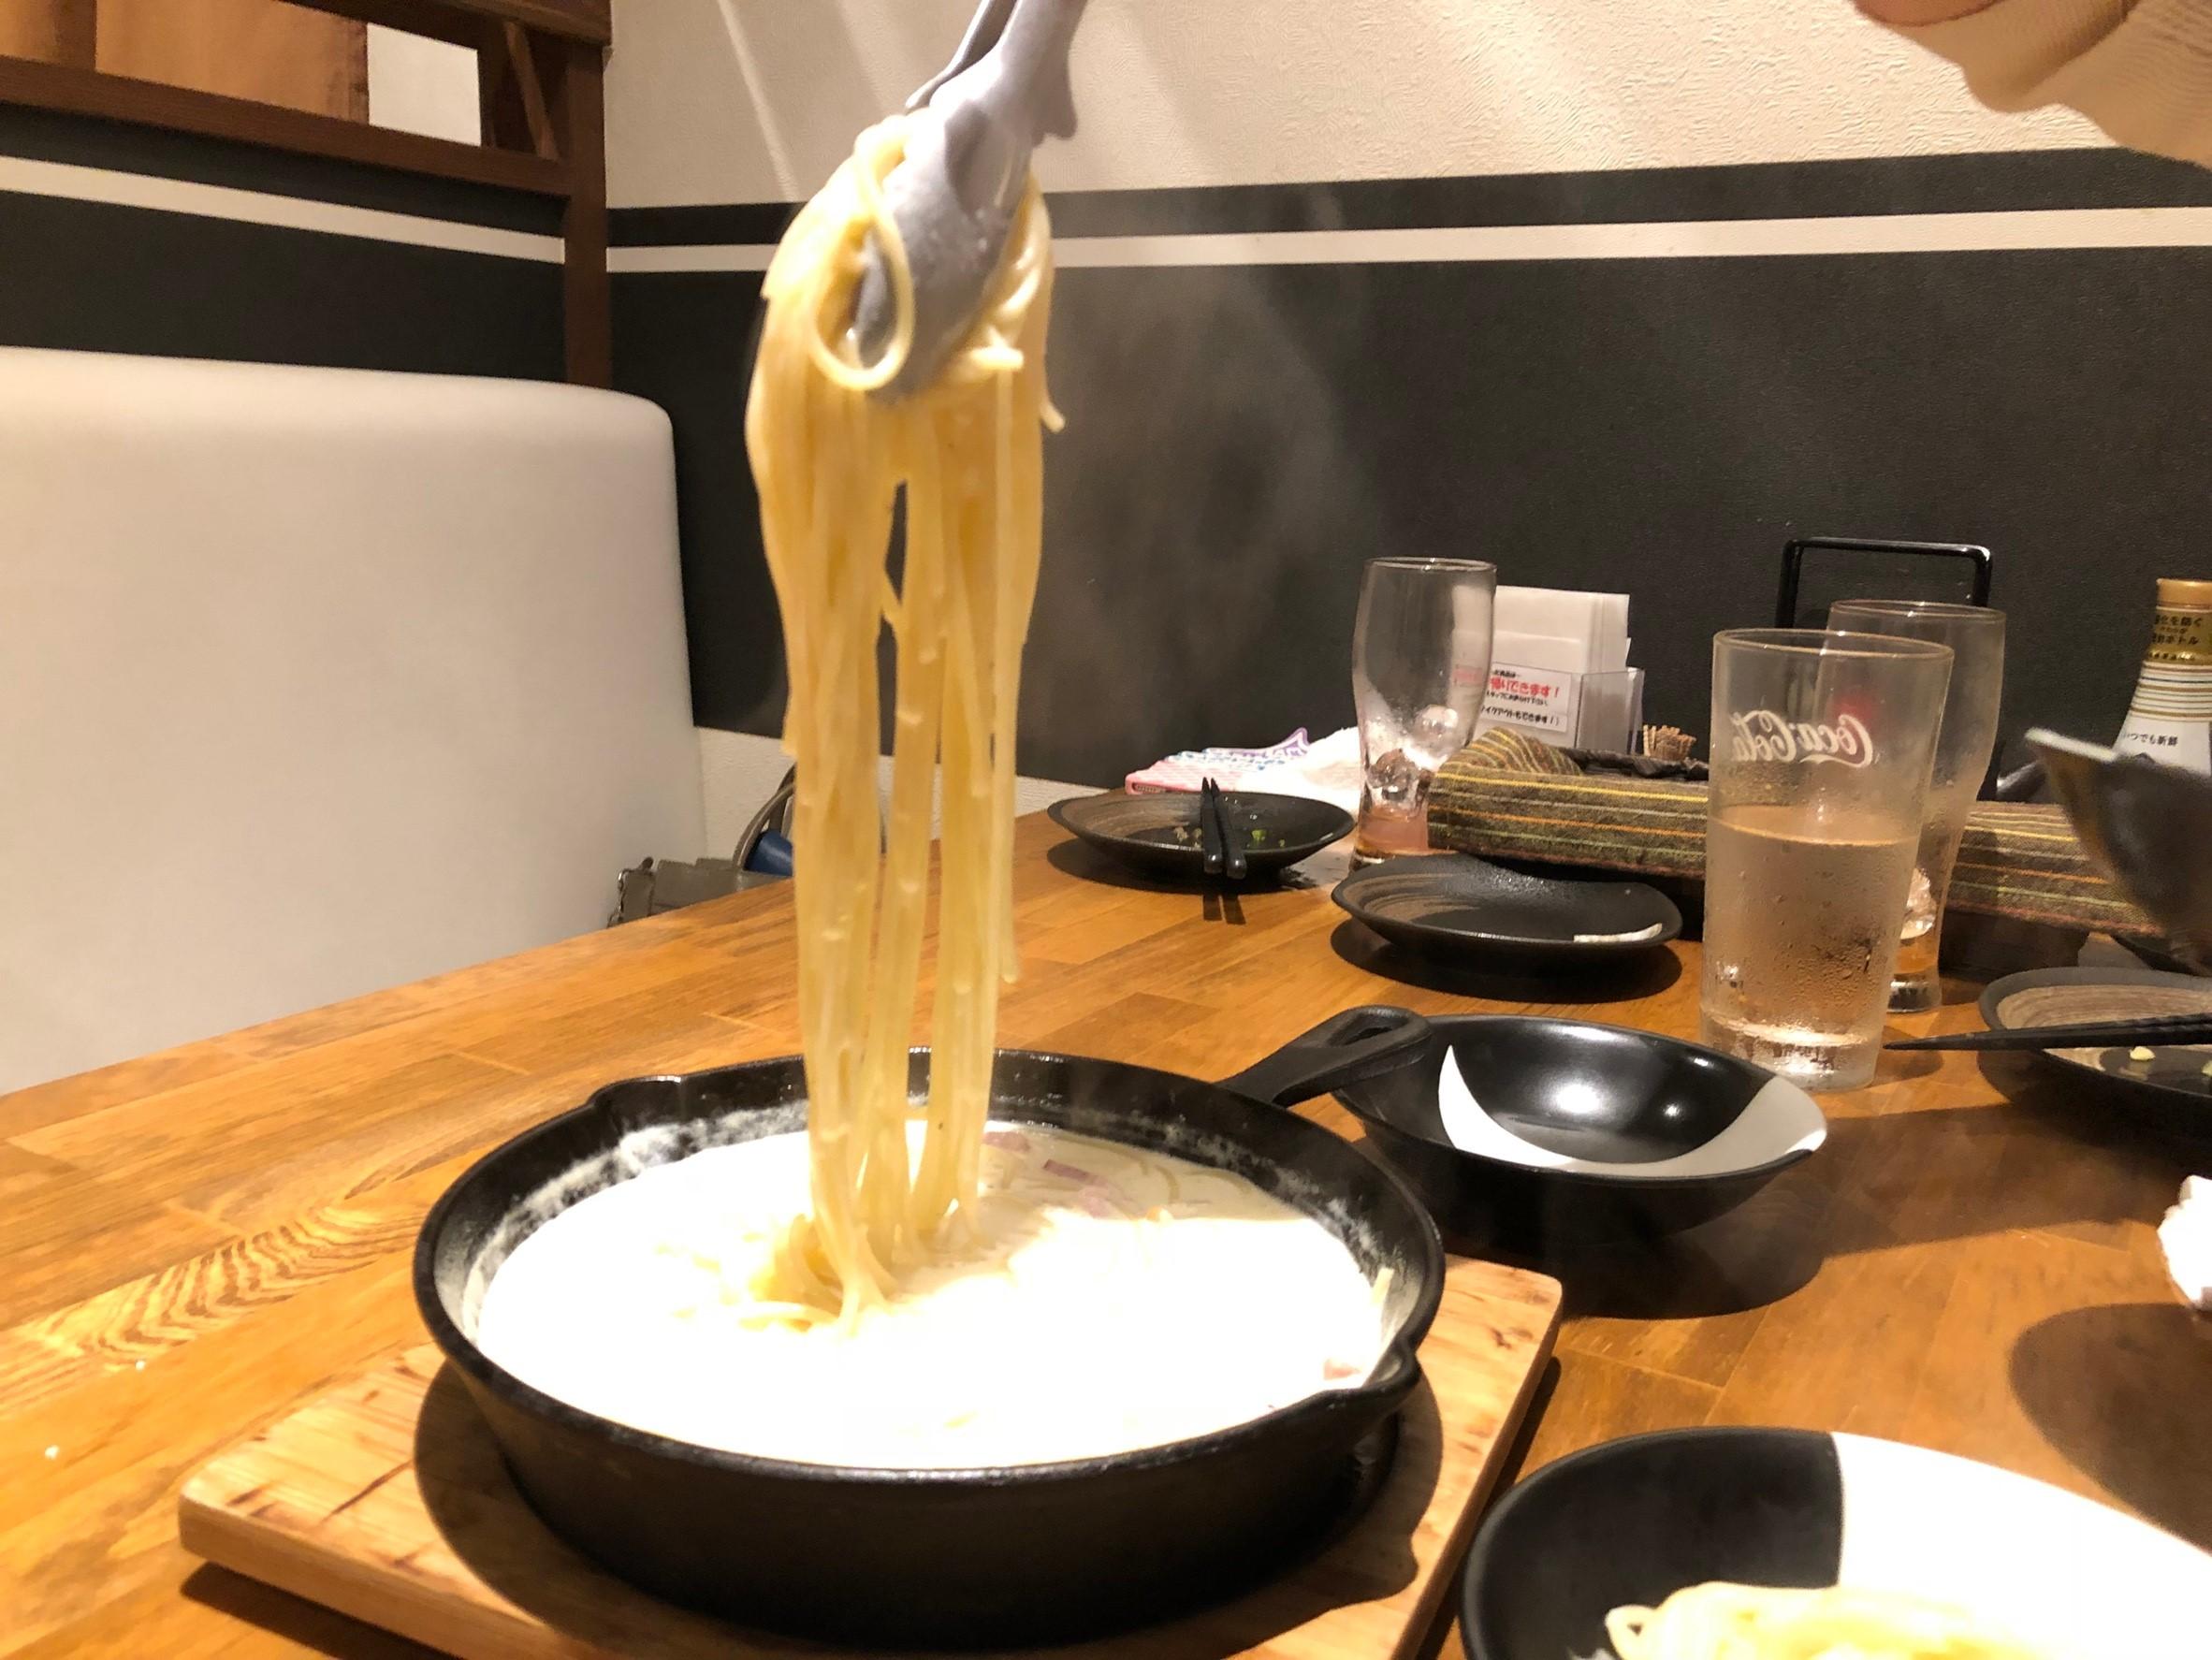 【鹿児島市中山】北海道から直送!おいしさ満載の『北海道レストラン 原始焼 中山店』